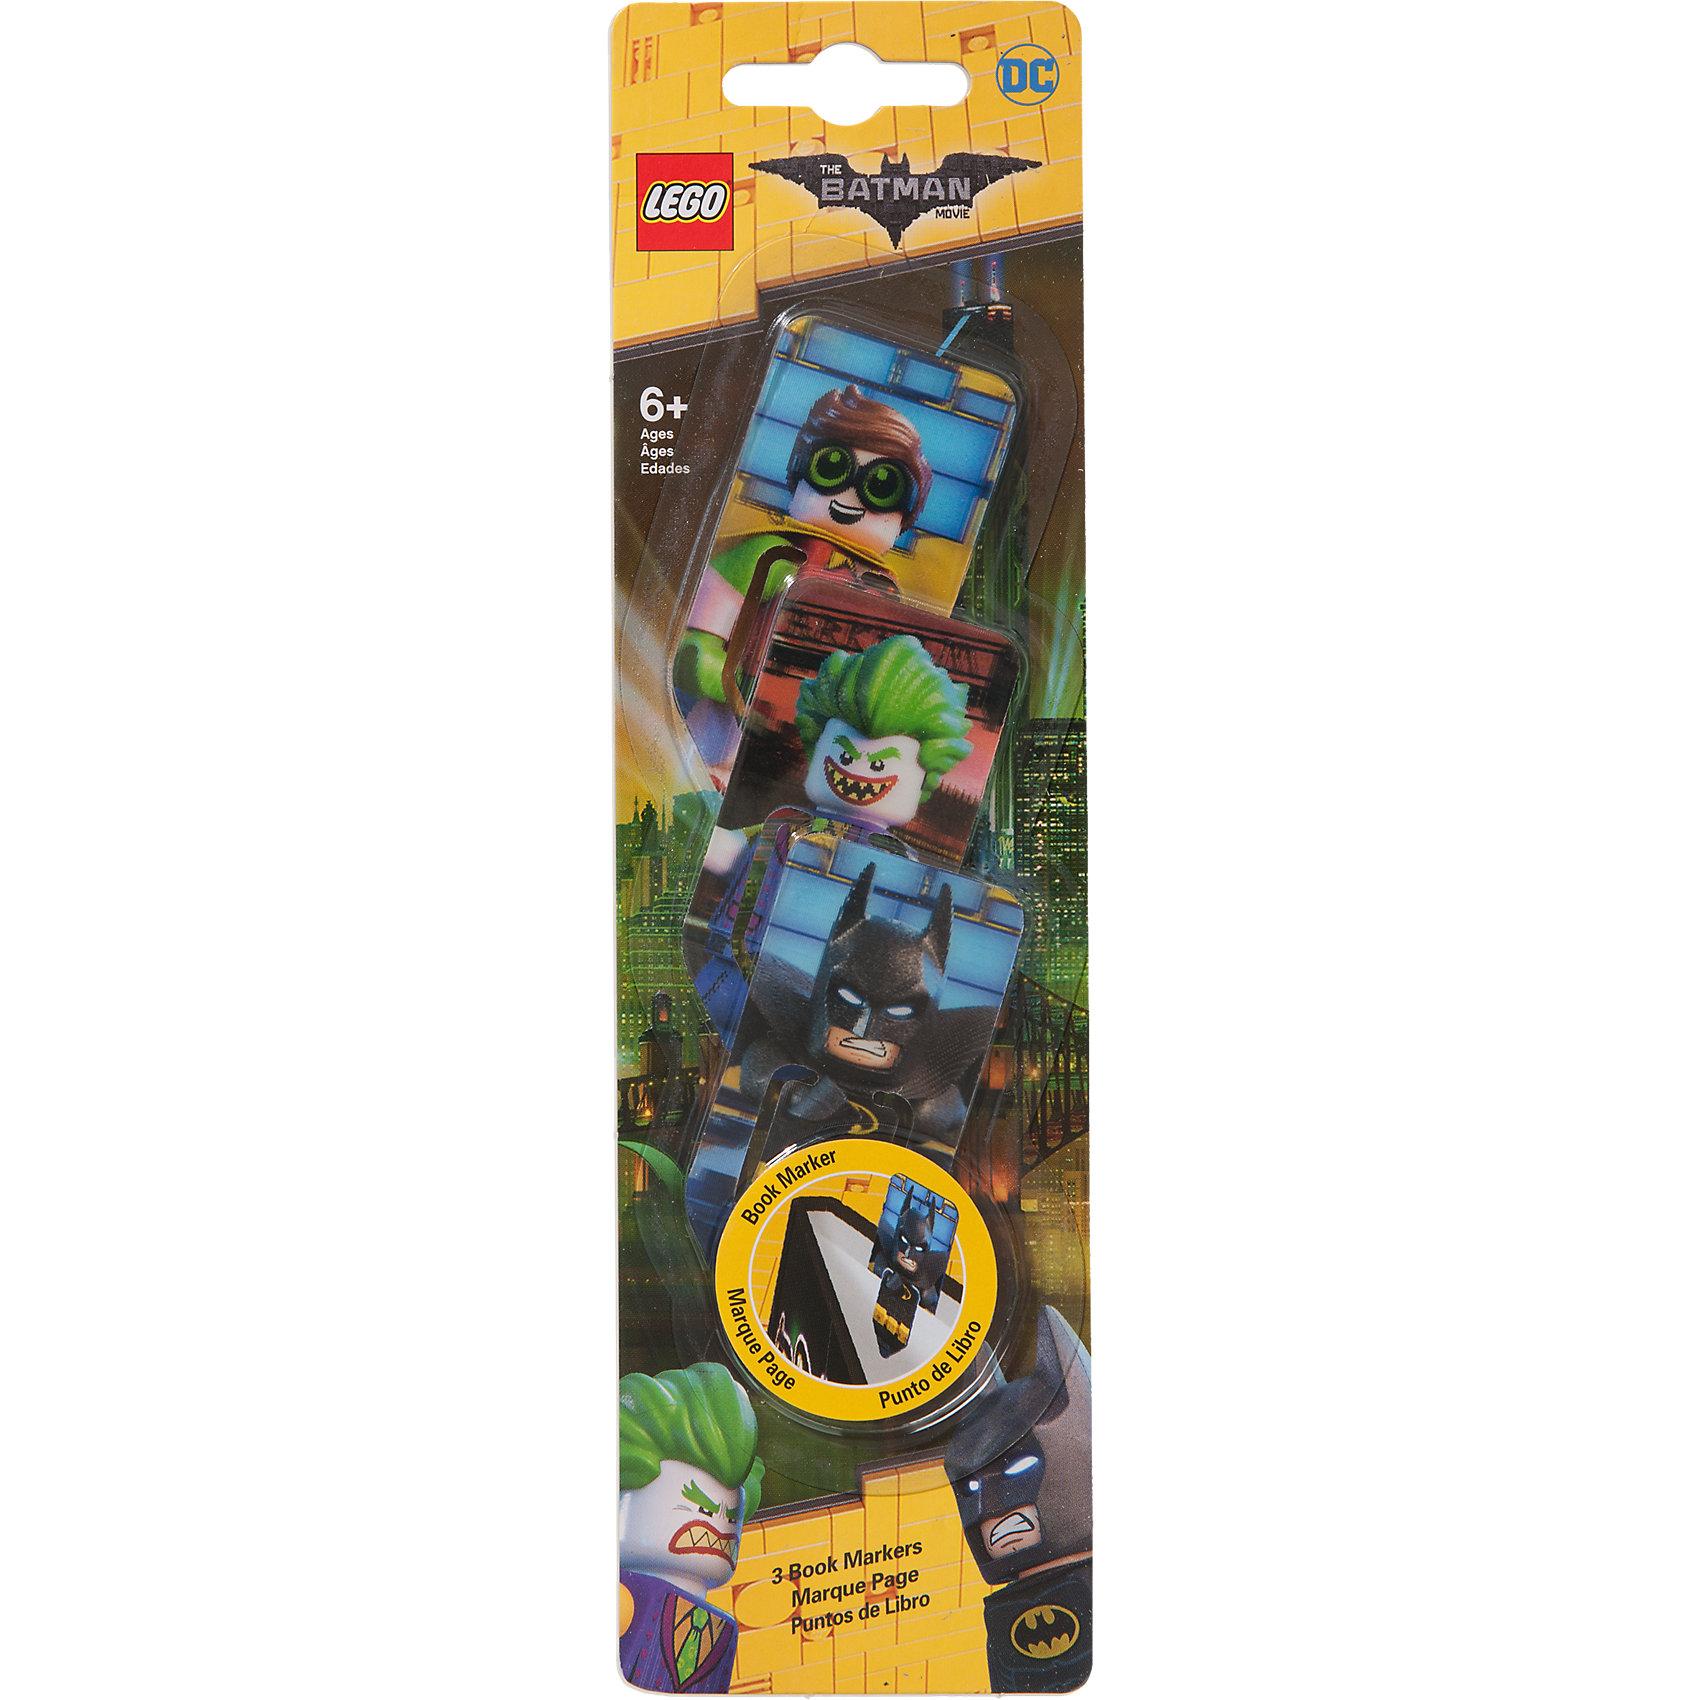 Набор закладок для книг, 3 шт., LEGOLEGO Товары для фанатов<br>Набор закладок для книг (3 шт.) с лентикулярным изображением в формате 3D LEGO Batman Movie (Лего Фильм: Бэтмен)-Batman/ The Joker /Robin<br><br>Ширина мм: 248<br>Глубина мм: 70<br>Высота мм: 5<br>Вес г: 22<br>Возраст от месяцев: 72<br>Возраст до месяцев: 144<br>Пол: Мужской<br>Возраст: Детский<br>SKU: 5087610